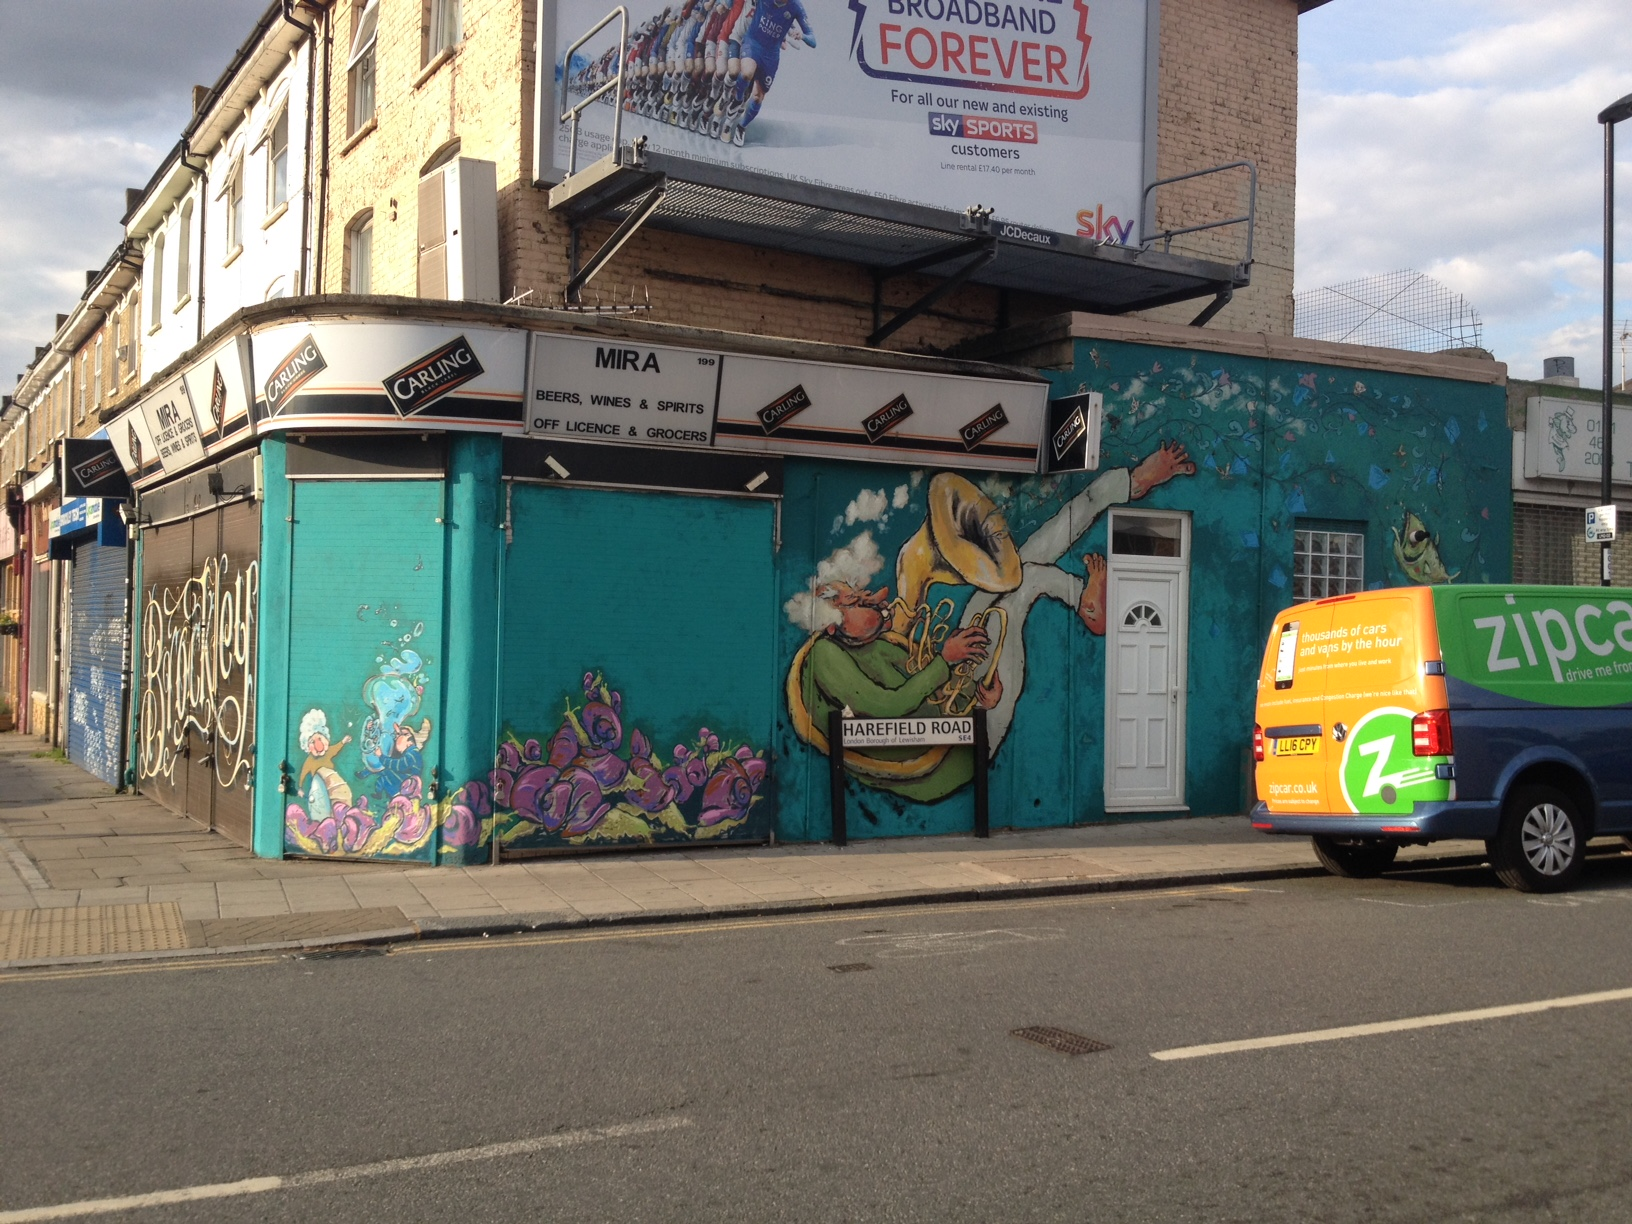 Harefield road mural